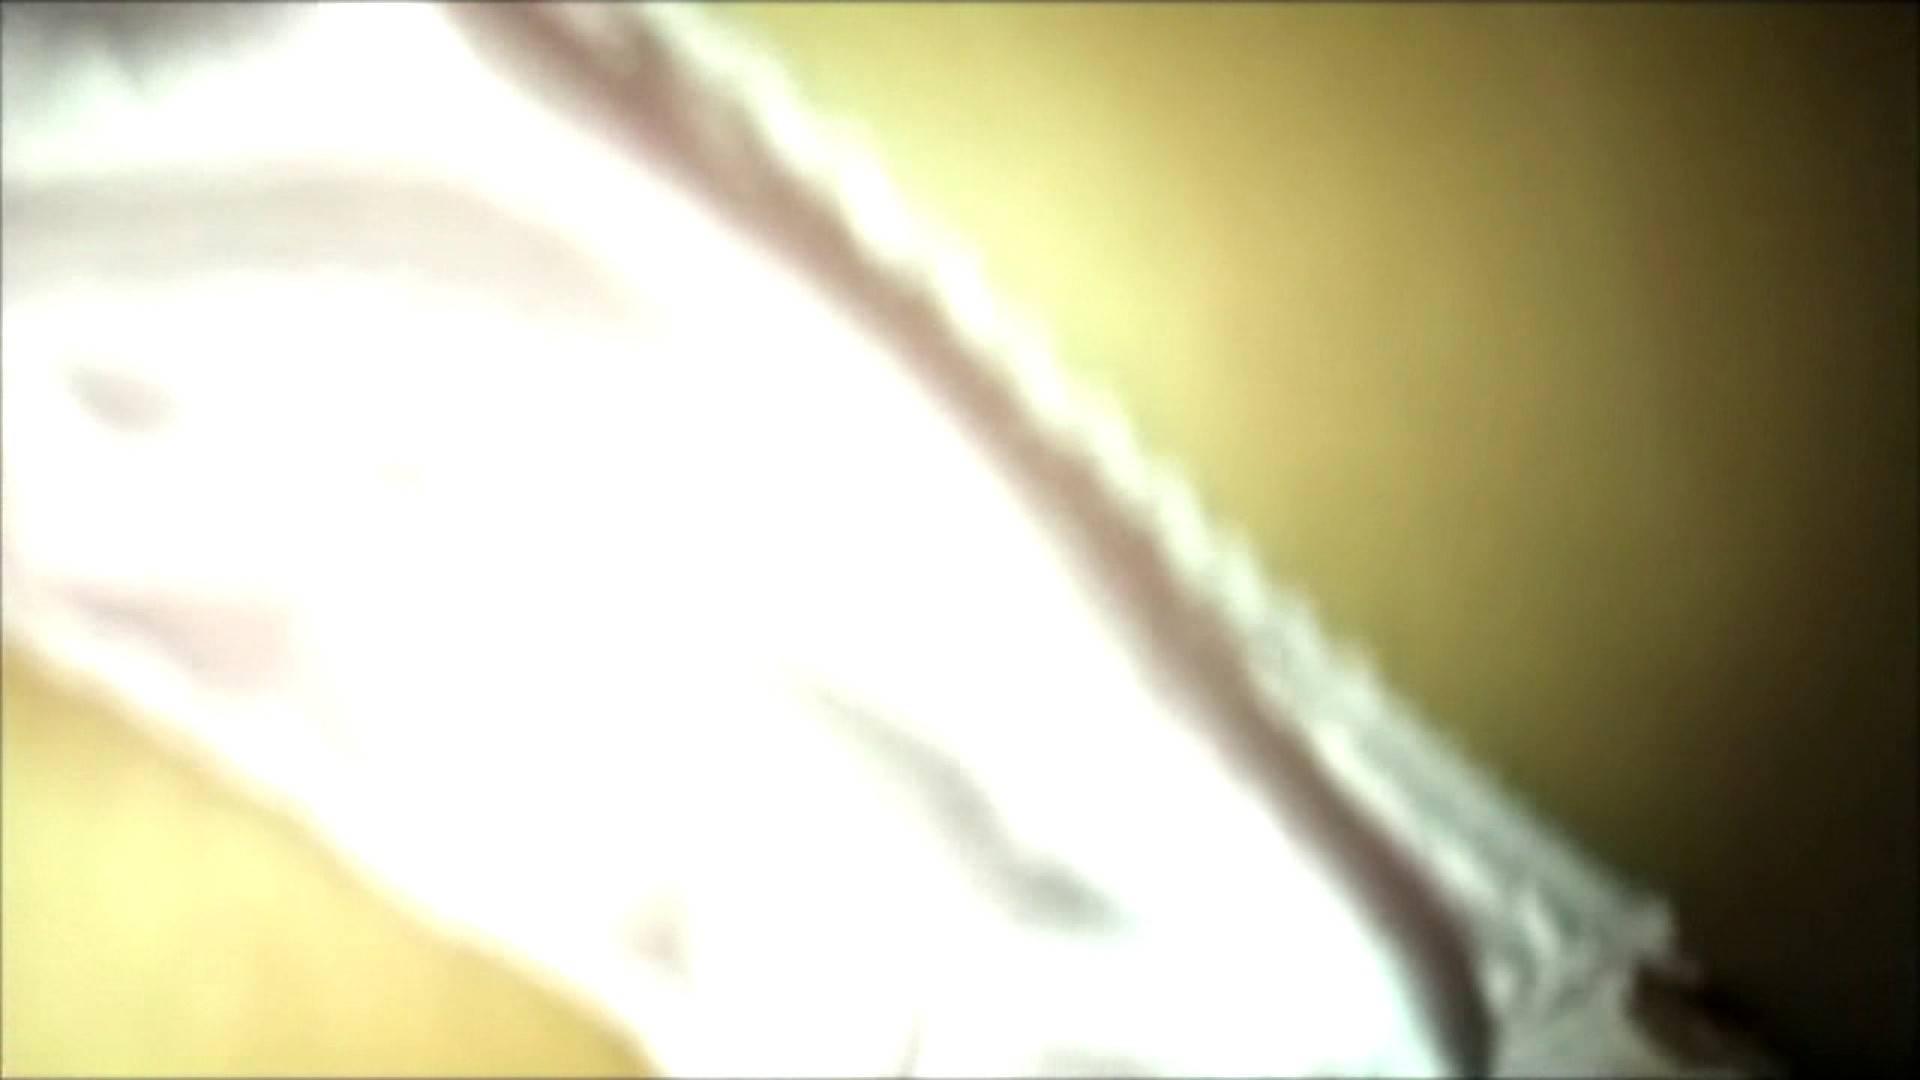 魔術師の お・も・て・な・し vol.05 21歳 美乳にイタズラ イタズラ  82pic 11